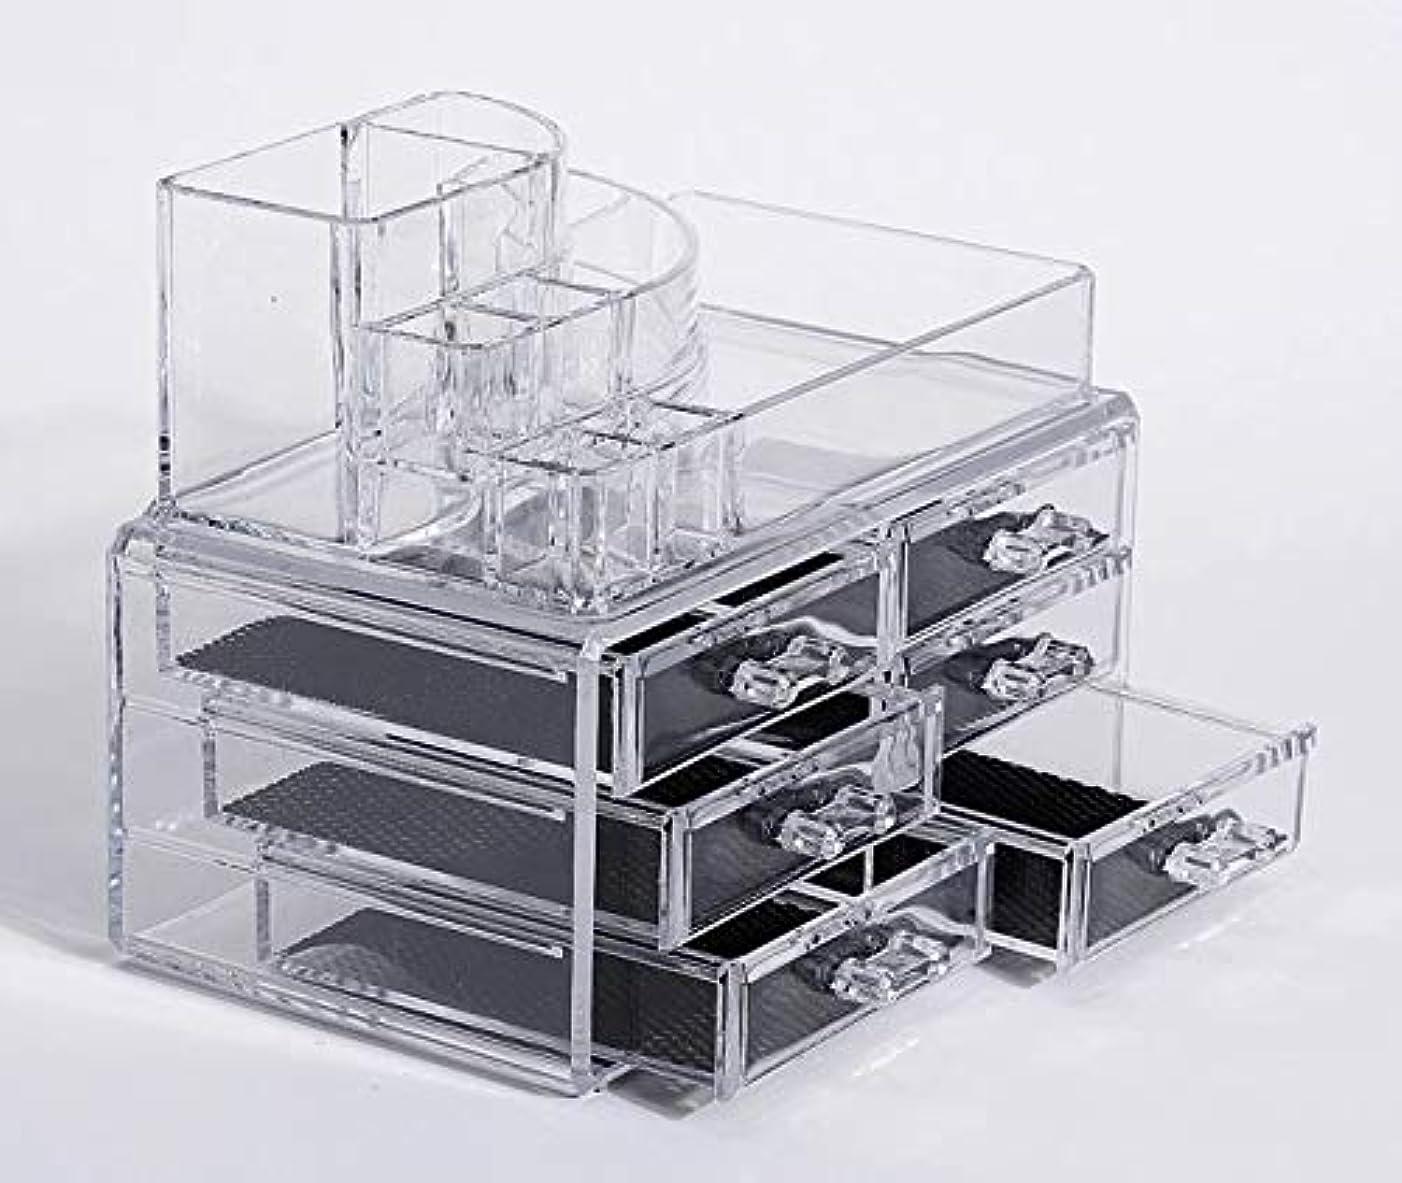 開示する野生差し引く化粧品収納ボックス メイクボックス 化粧品 収納 ニオイなし 騒音なし 防塵 高透明度 強い耐久性